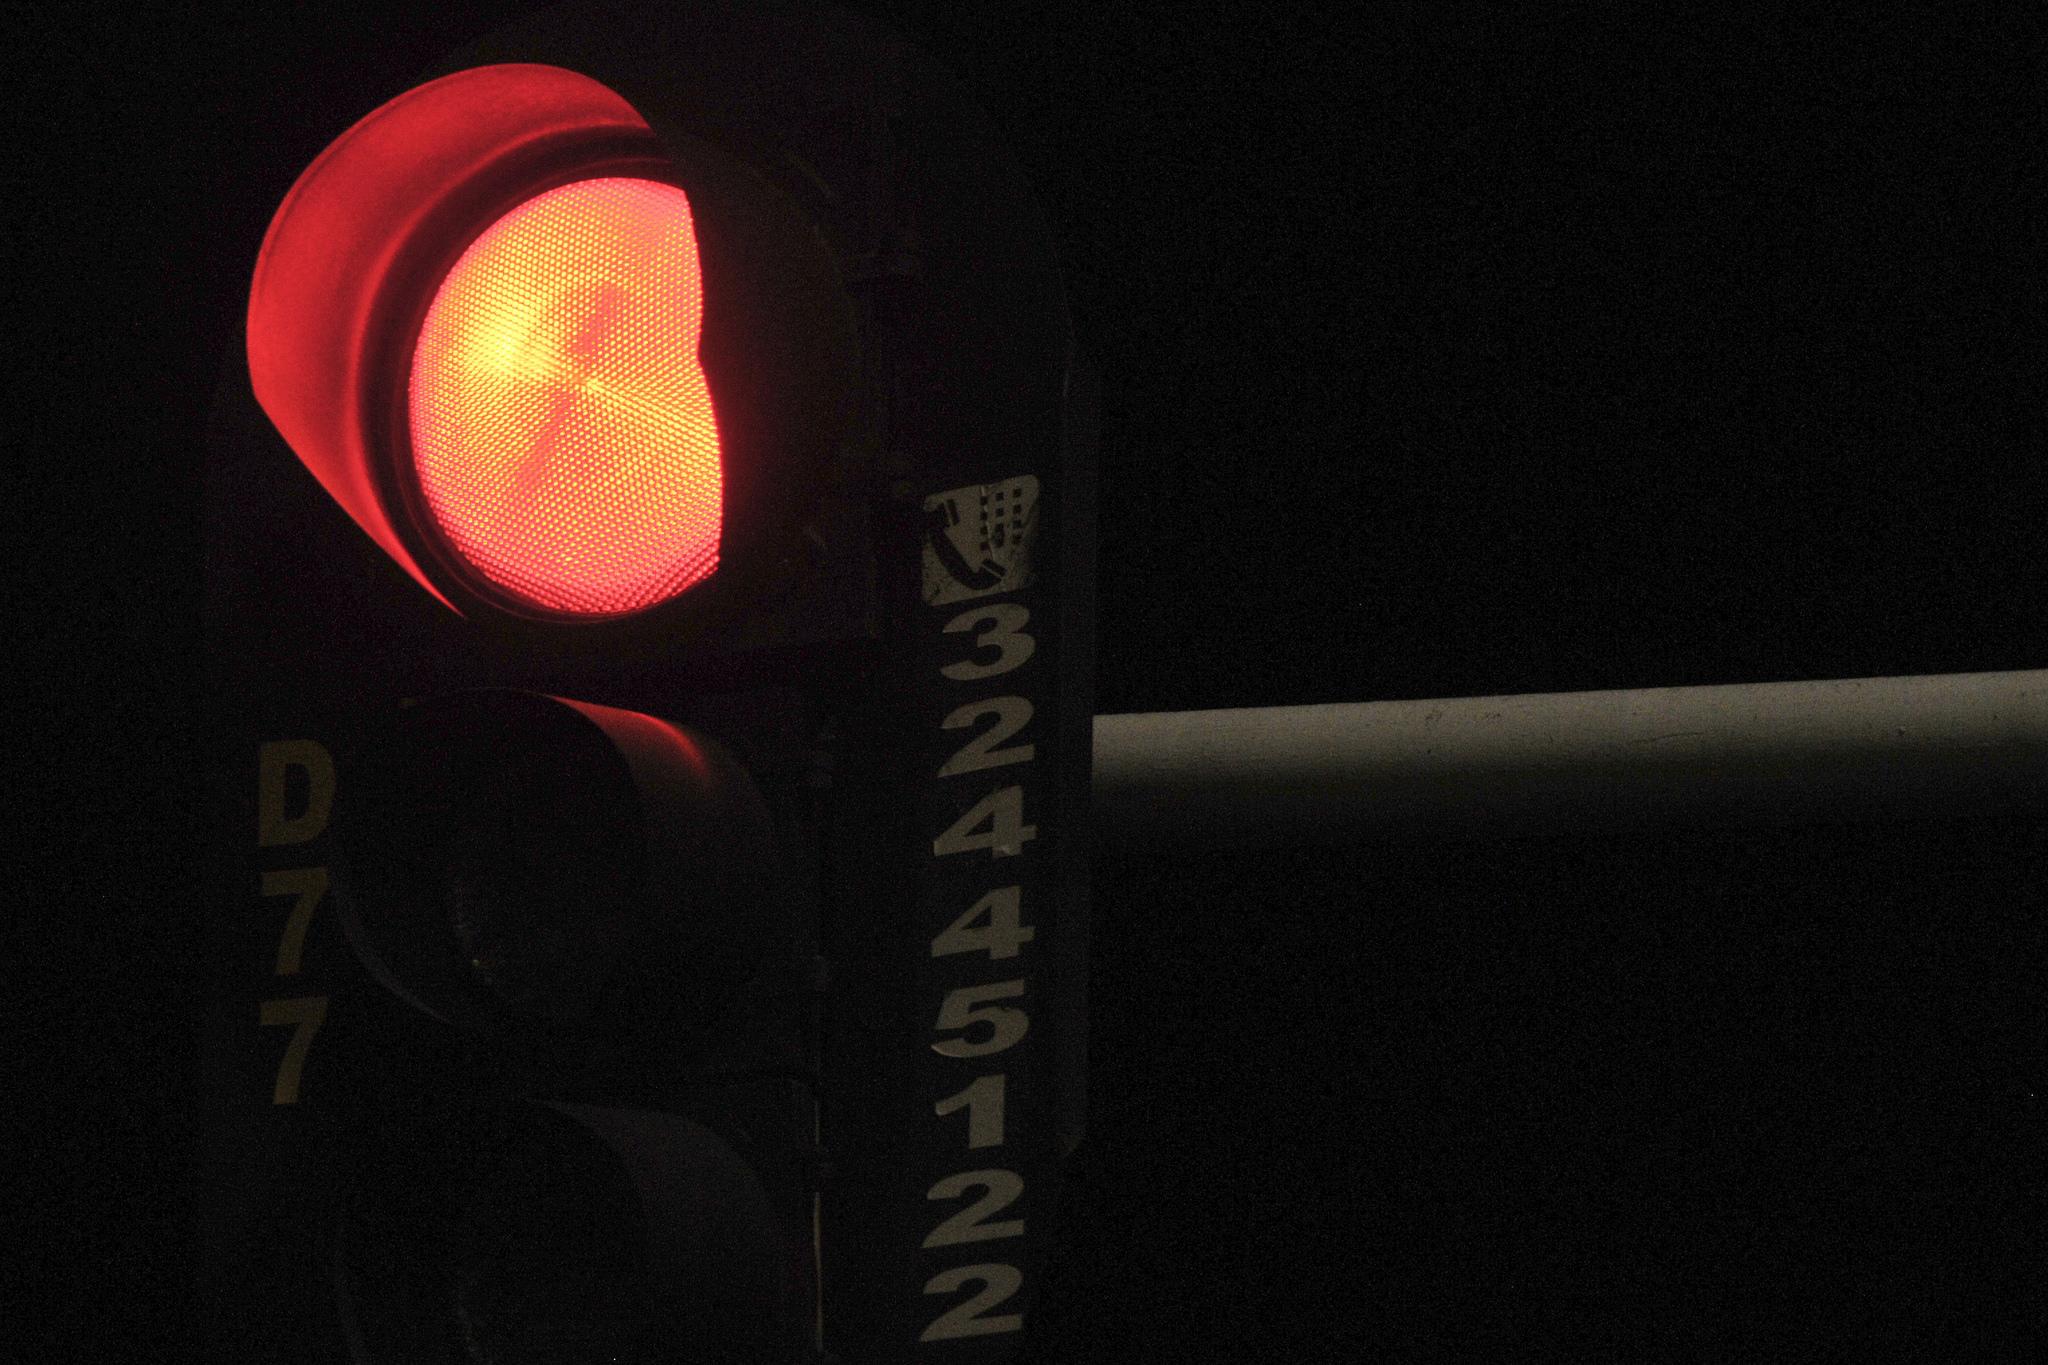 Instalados focos leds em 3.160 semáforos localizados nas vias urbanas do DF (lâmpadas vermelhas), que corresponde a 100% das lâmpadas de todos os cruzamentos do DF, resultando em maior visibilidade, aliada a uma economia média de 92% nos custos com a energia elétrica consumida pelos equipamentos semafóricos. Com a medida, houve uma economia anual de quase R$ 4 milhões aos cofres públicos.